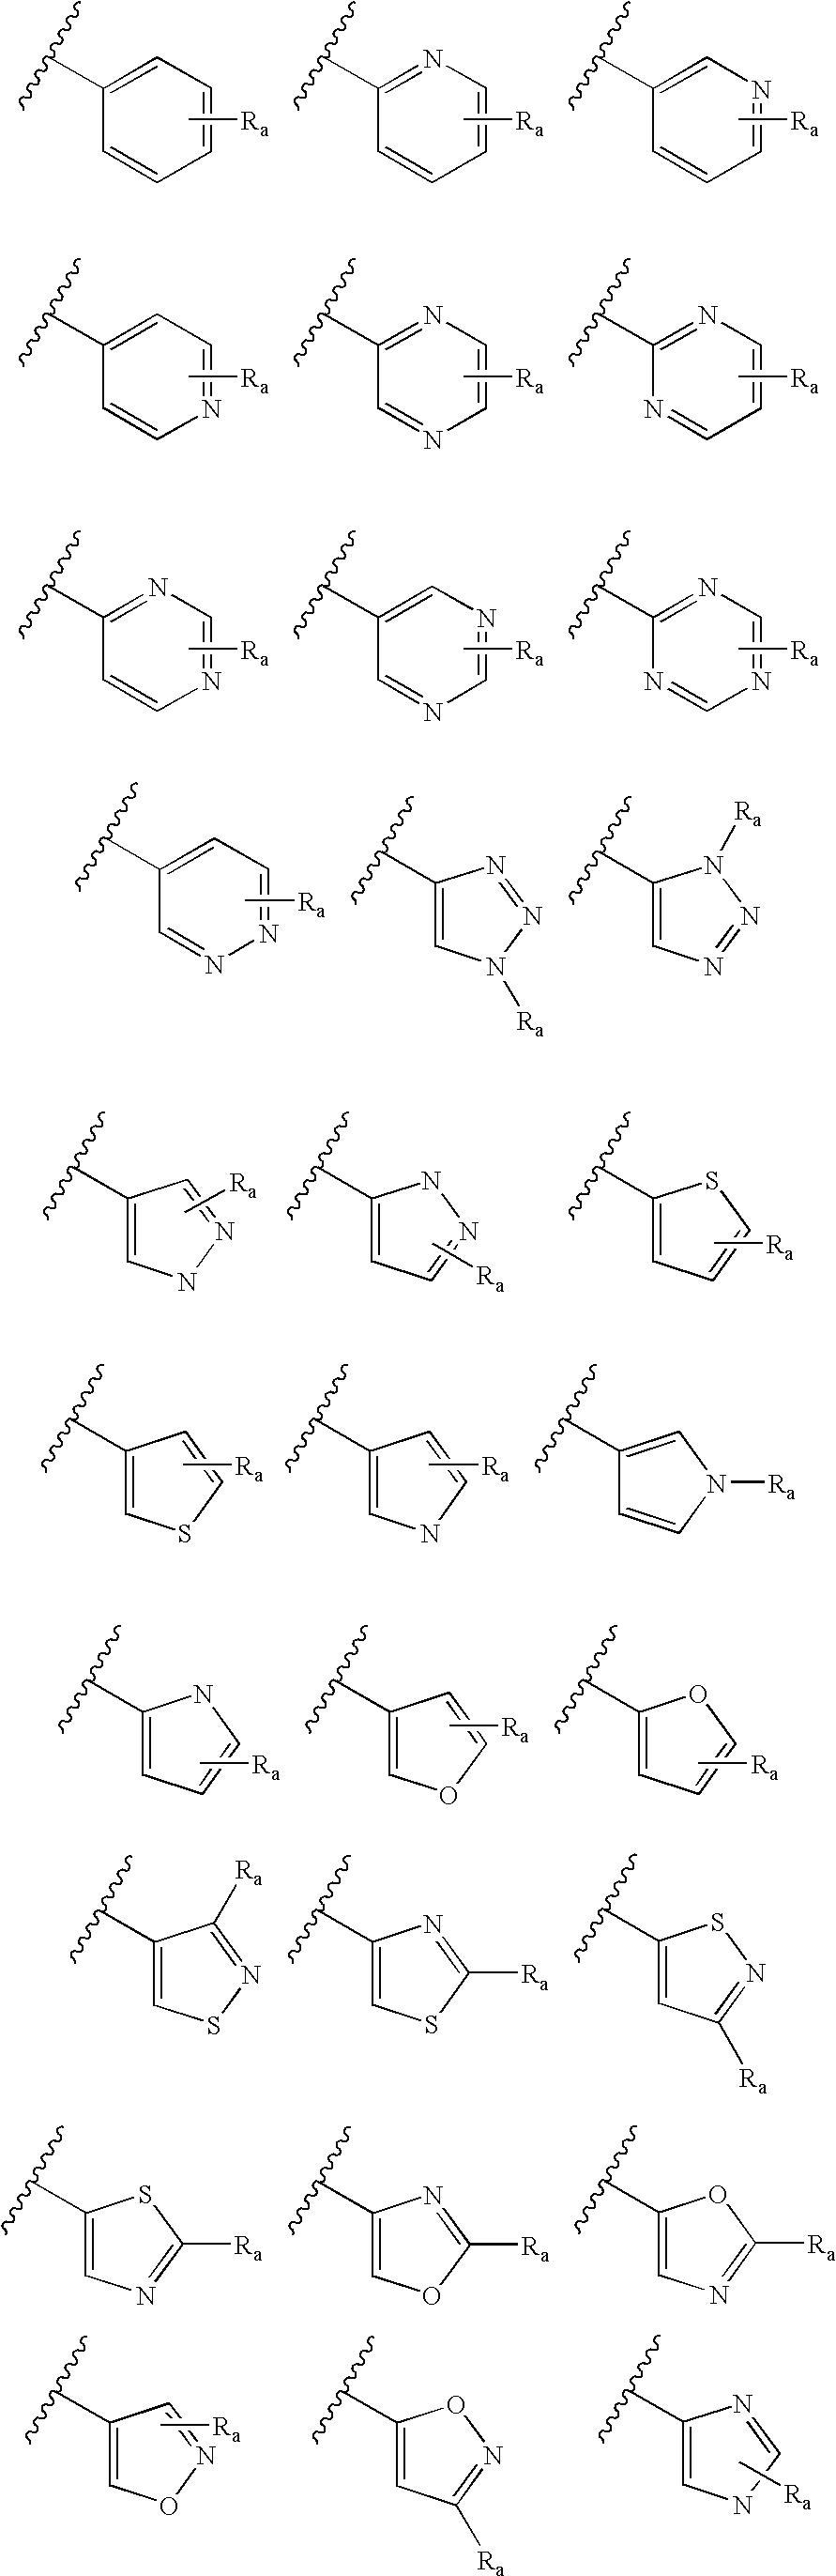 Figure US20070015748A1-20070118-C00015